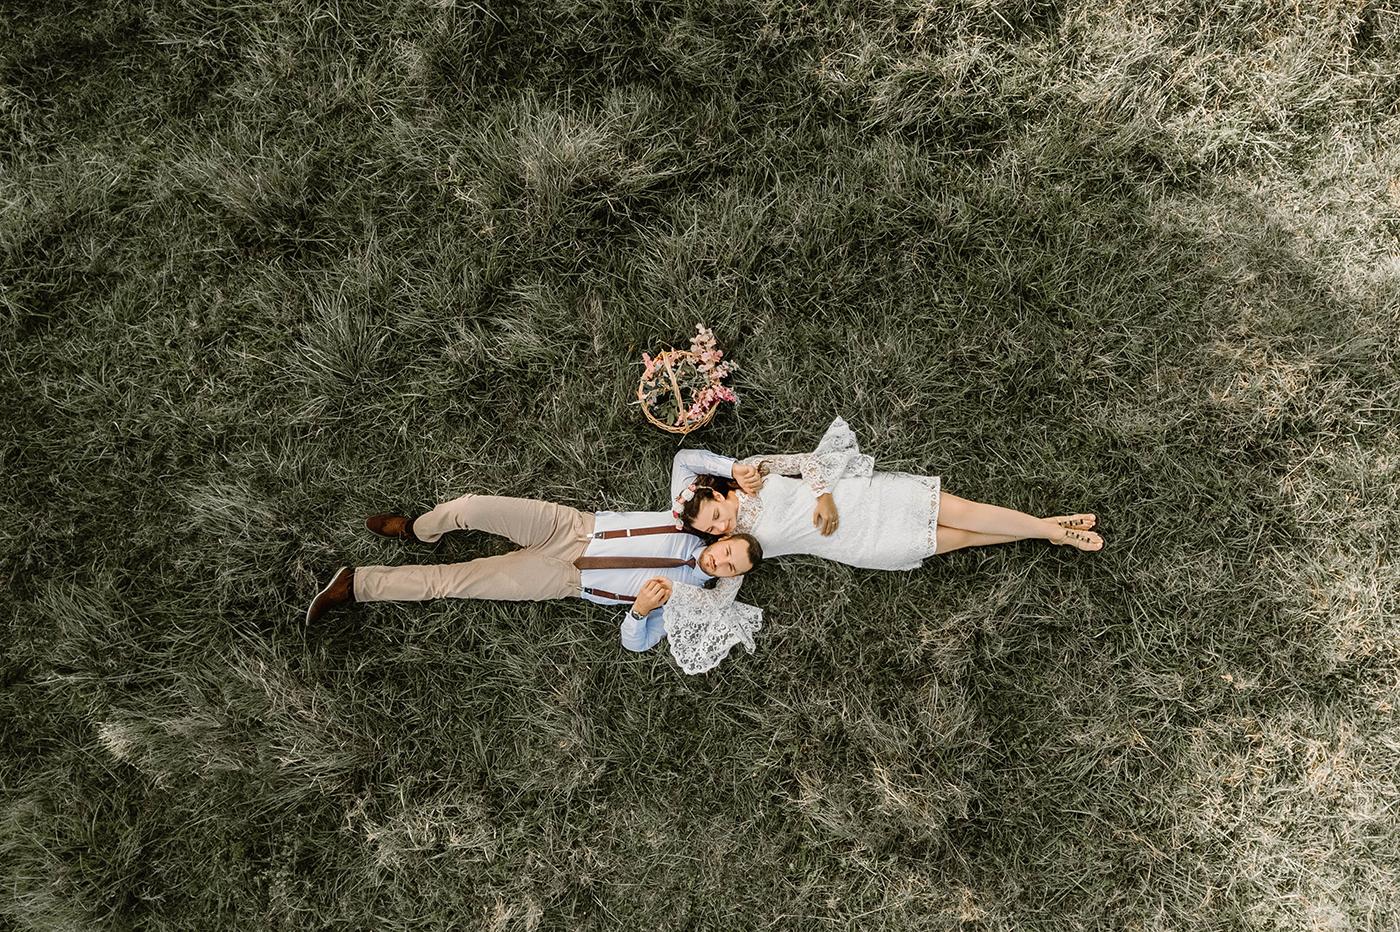 drone ile düğün fotoğrafları, drone ile gelin damat fotoğrafları, drone ile nişan fotoğraf çekimi, havadan düğün fotoğrafı çekimleri, havadan nişan fotoğrafı çekimleri